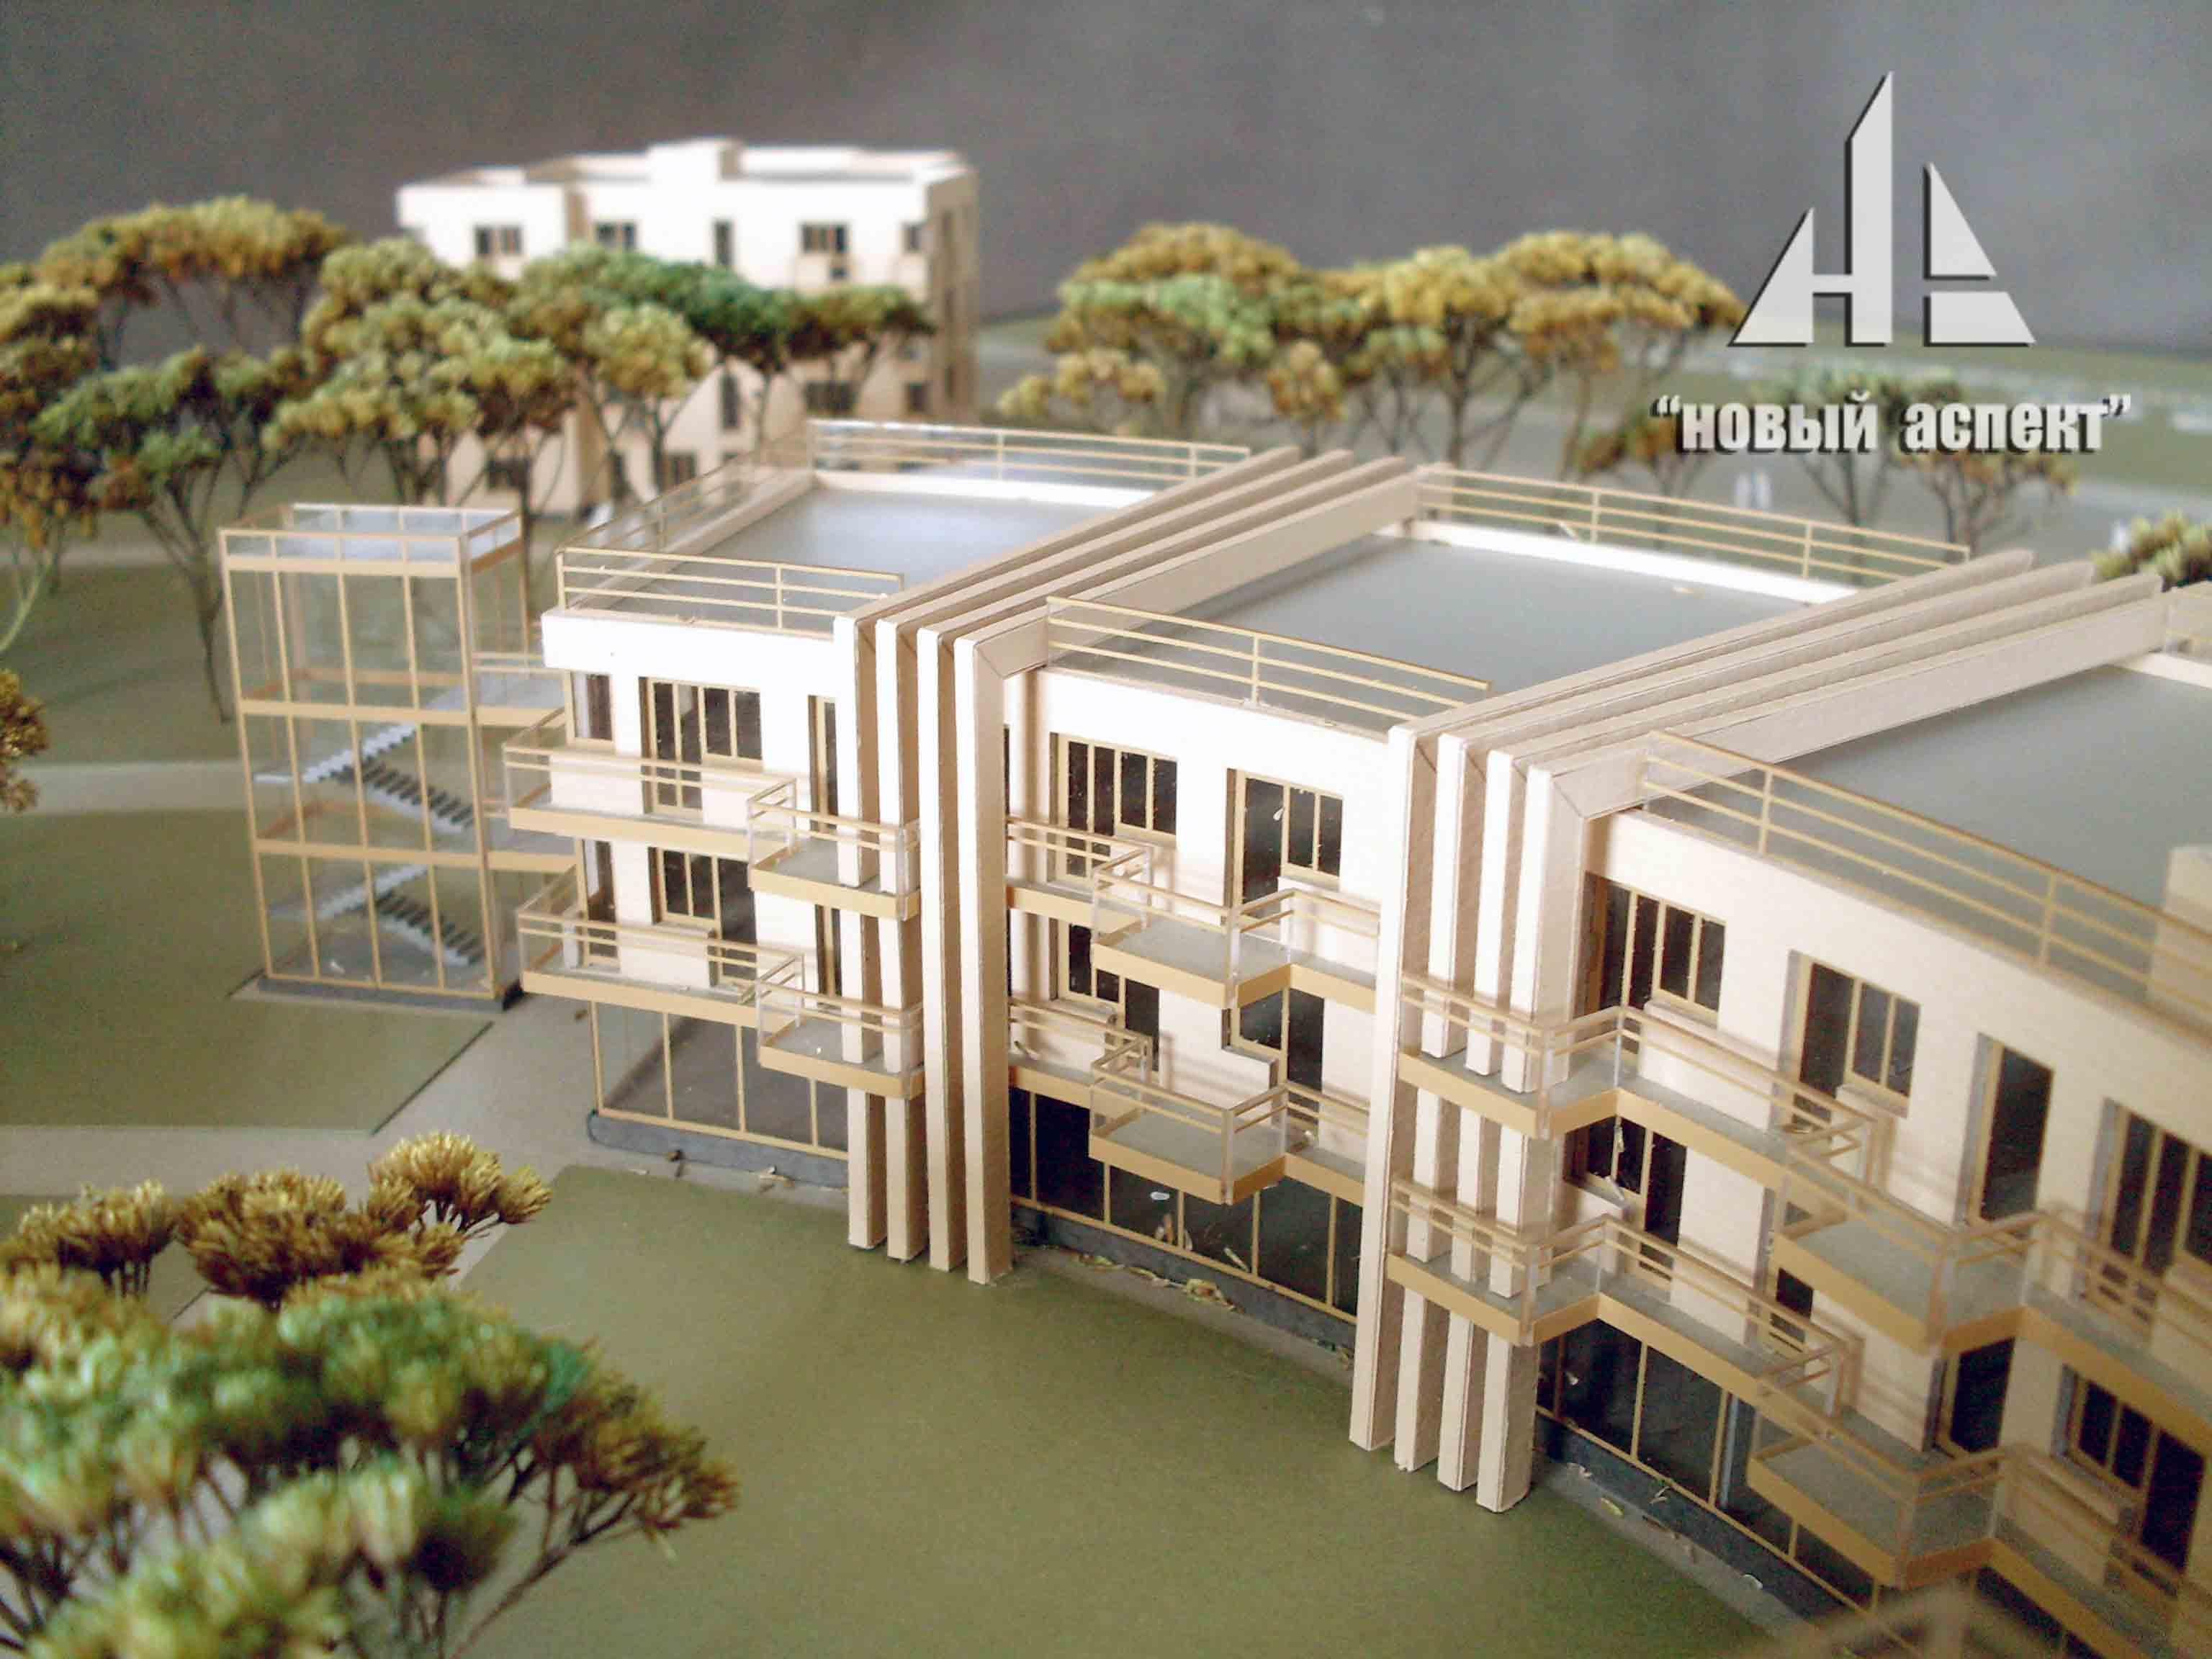 Макеты общественных зданий Зеленогорск